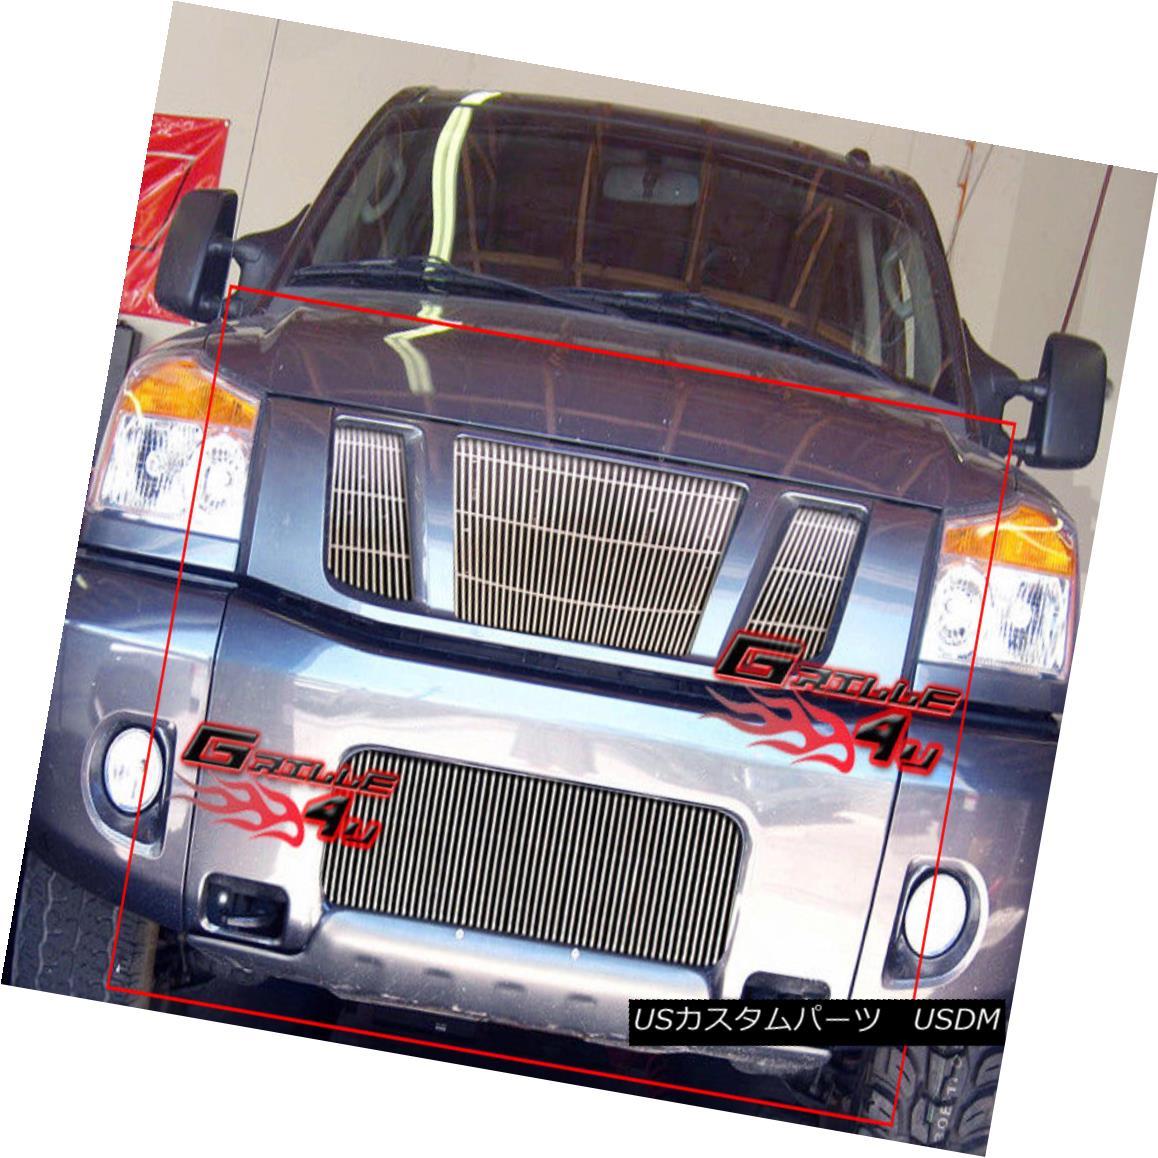 グリル For 08-14 2013 Nissan Titan Vertical Billet Grille Combo 08-14 2013日産タイタン縦型ビレットグリルコンボ